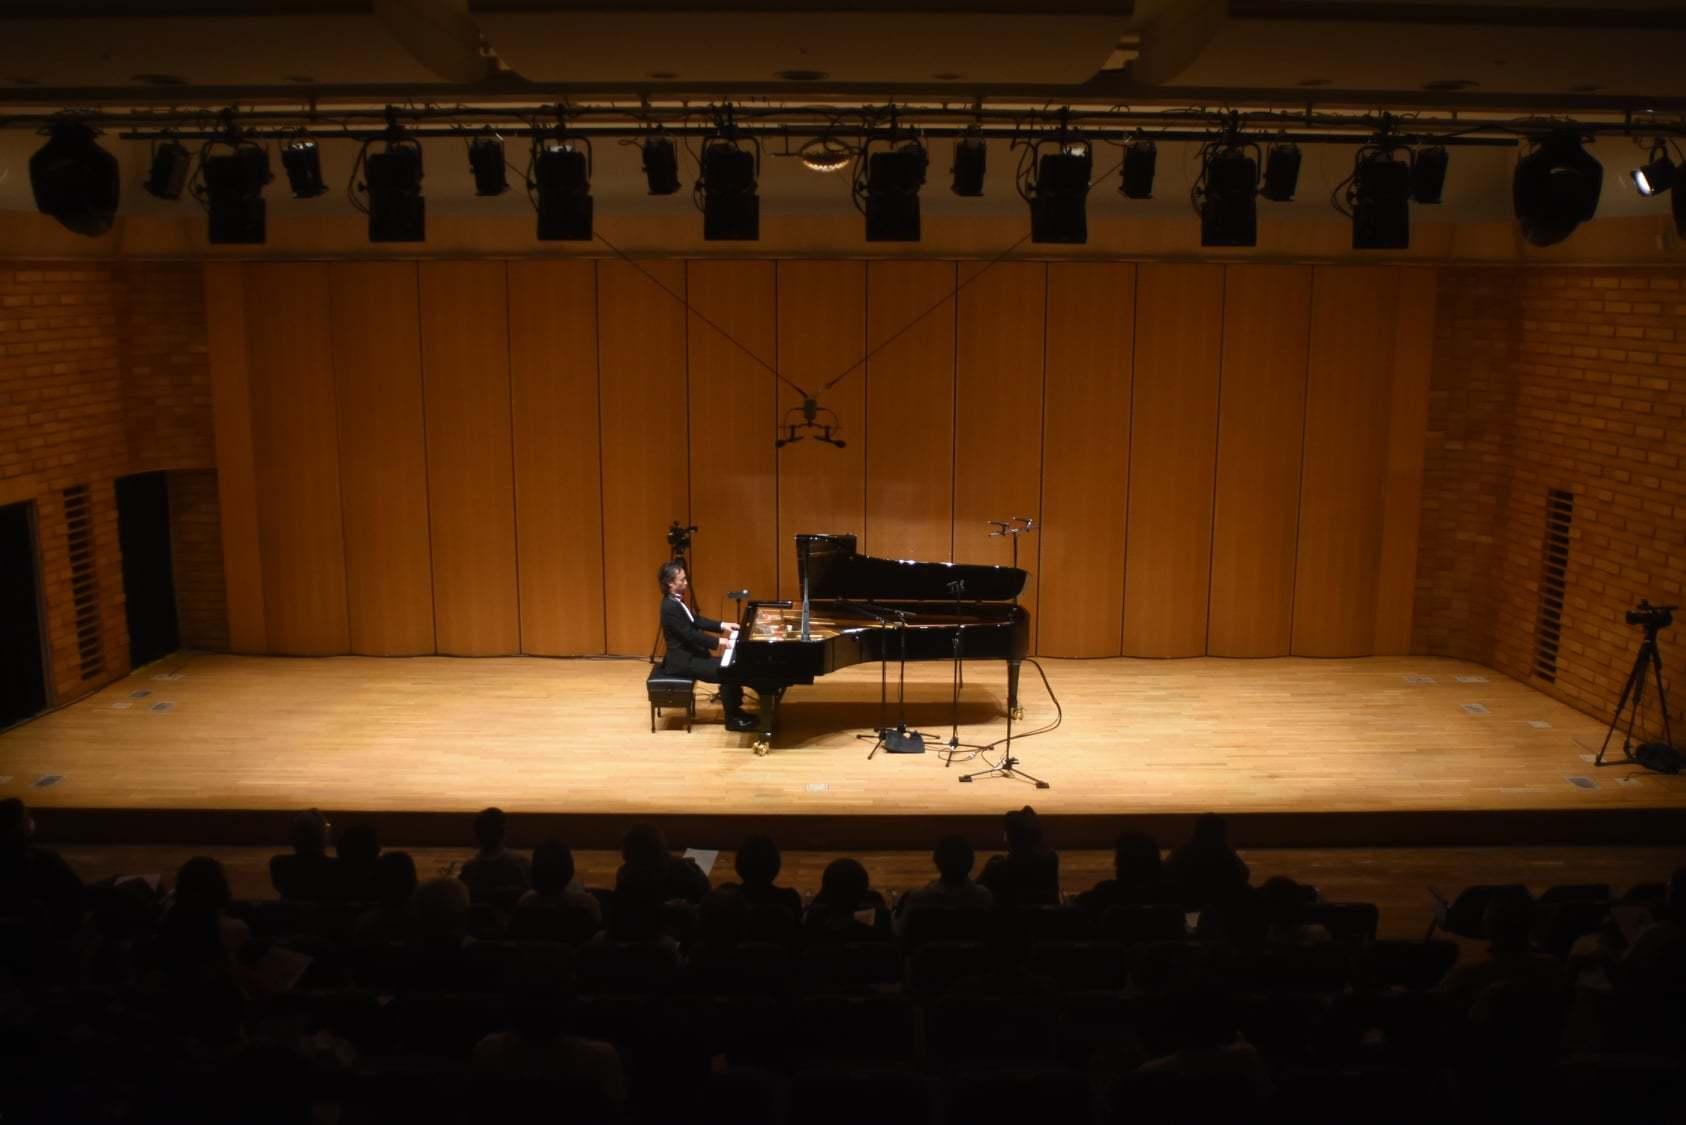 ありがとうございました!2021.02.27(土)板垣光弘ソロピアノコンサート『マイ・ラウンジ・ミュージック 2021 春』武蔵野スイングホール_d0003502_23532510.jpg